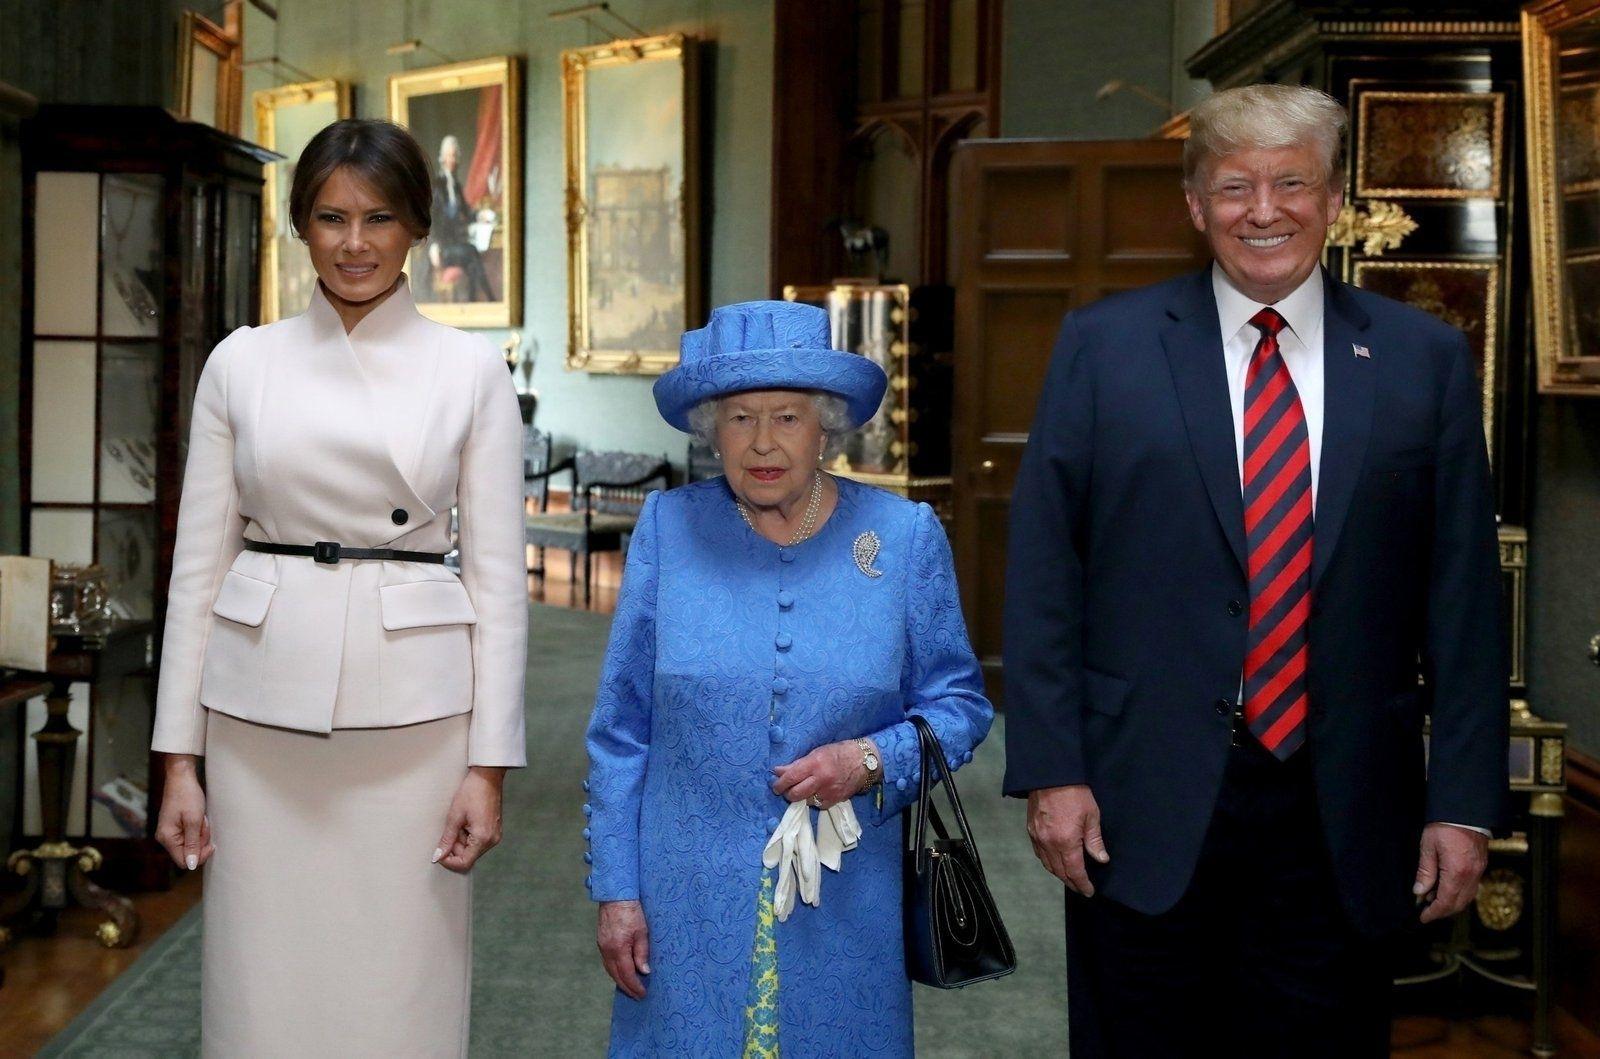 Трамп Хатан хааны урд орж алхсан нь шүүмжлэл дагуулаад байна